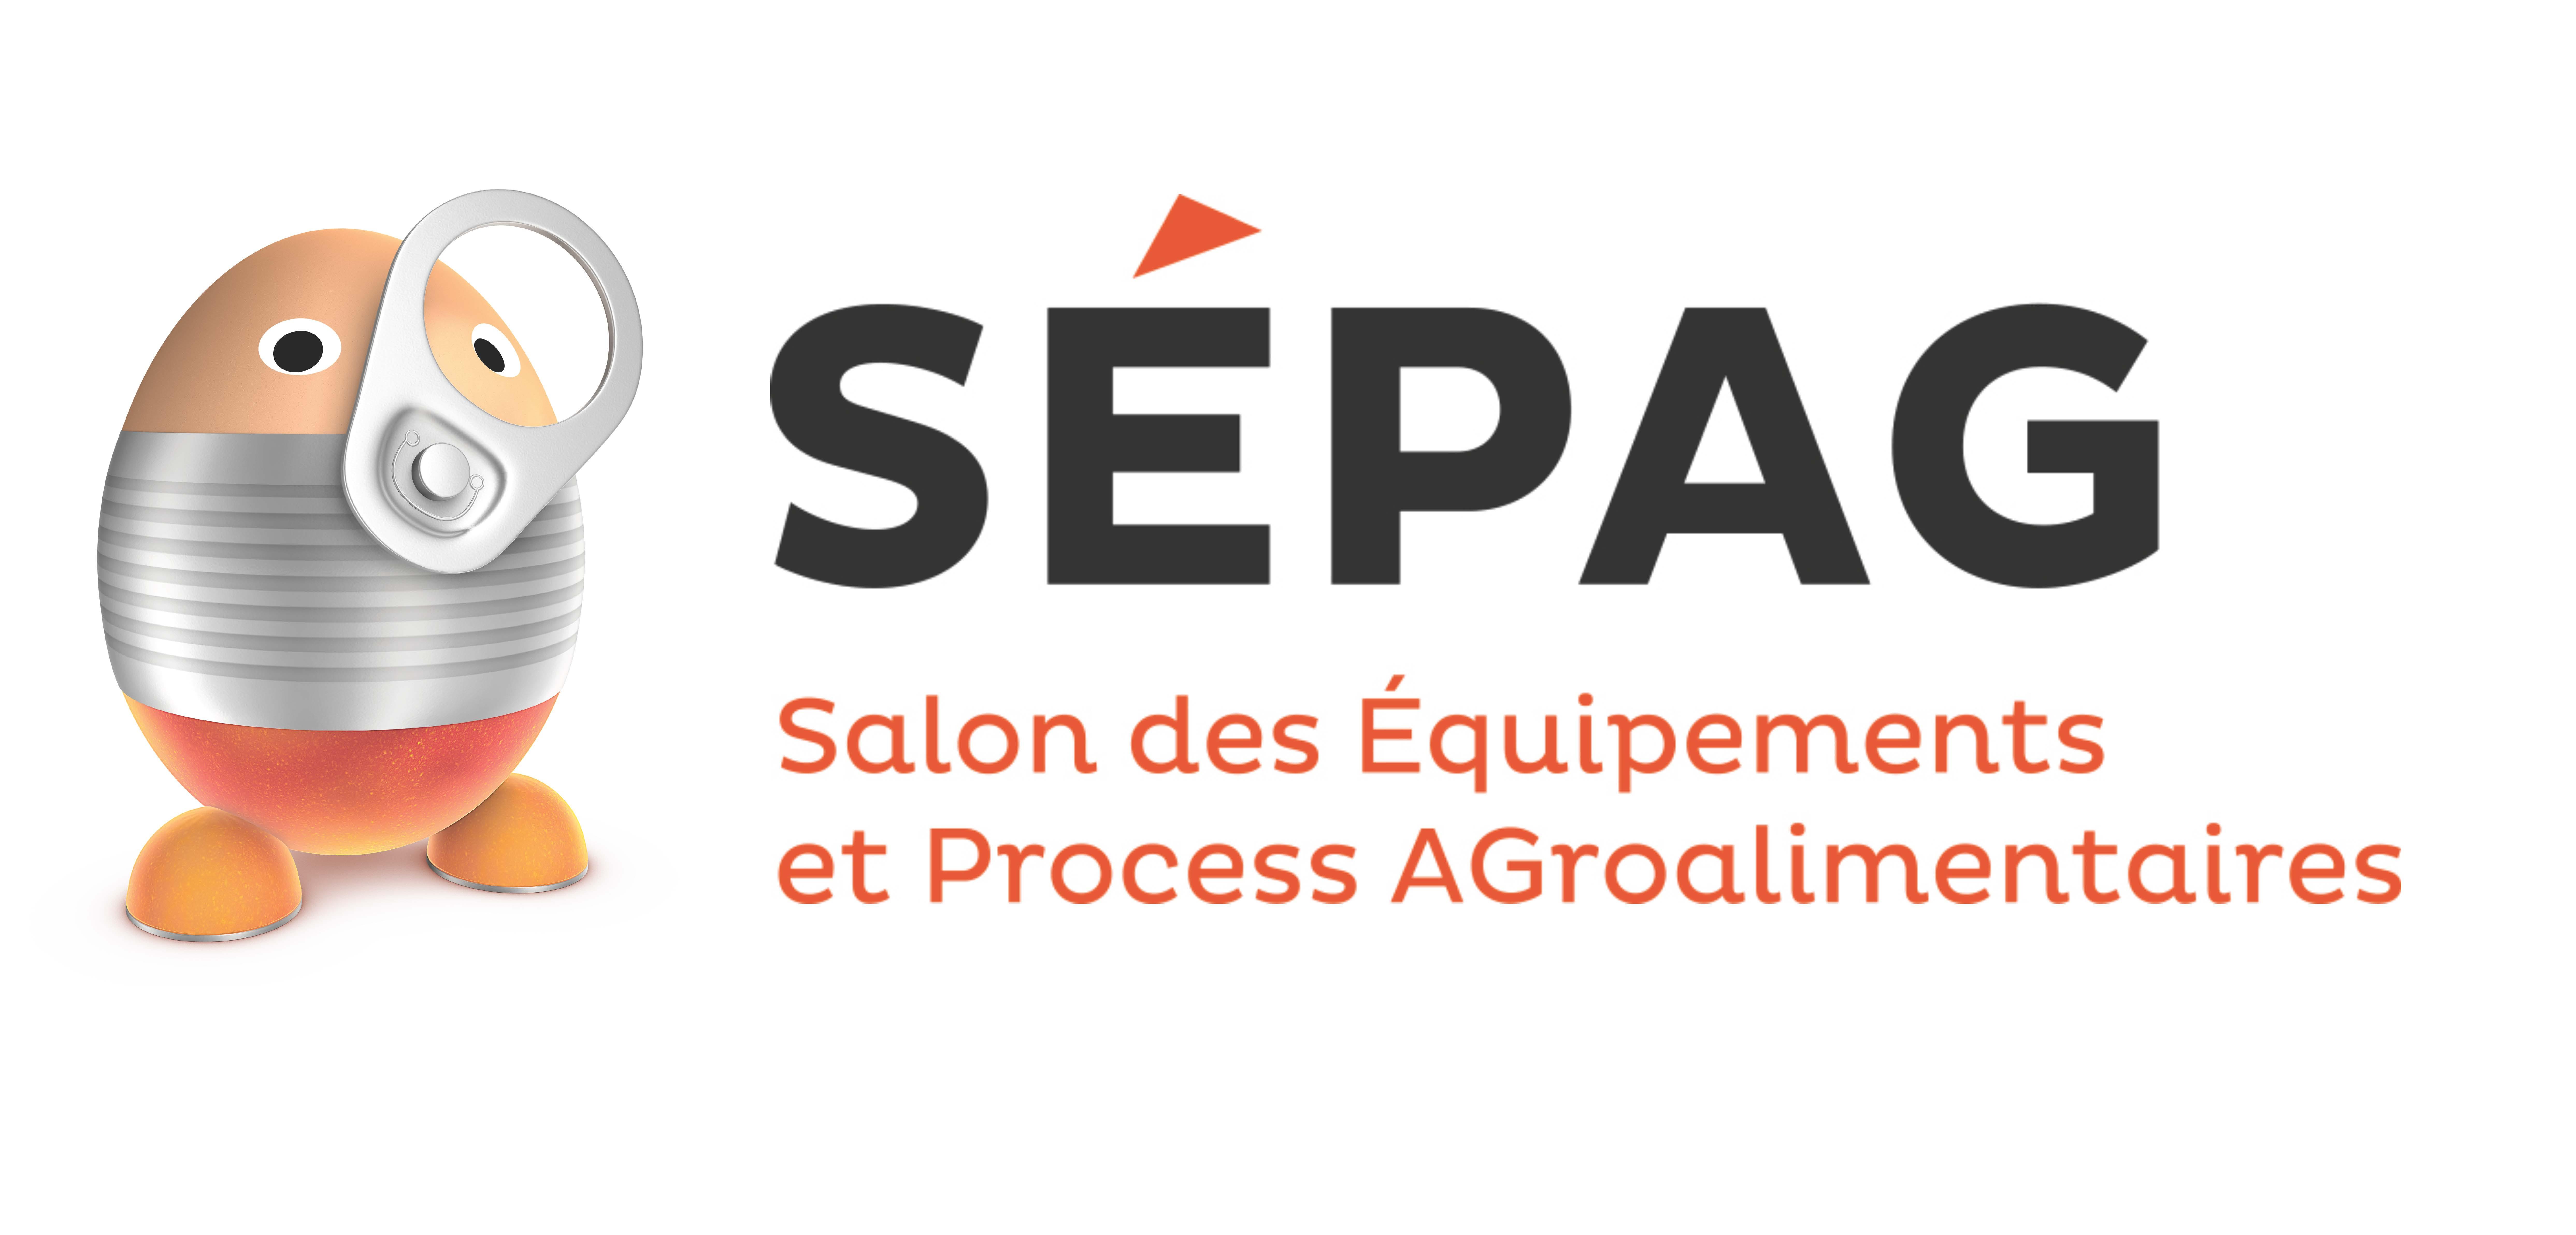 Le sepag 2017 salon des quipements et process - Salon agroalimentaire ...